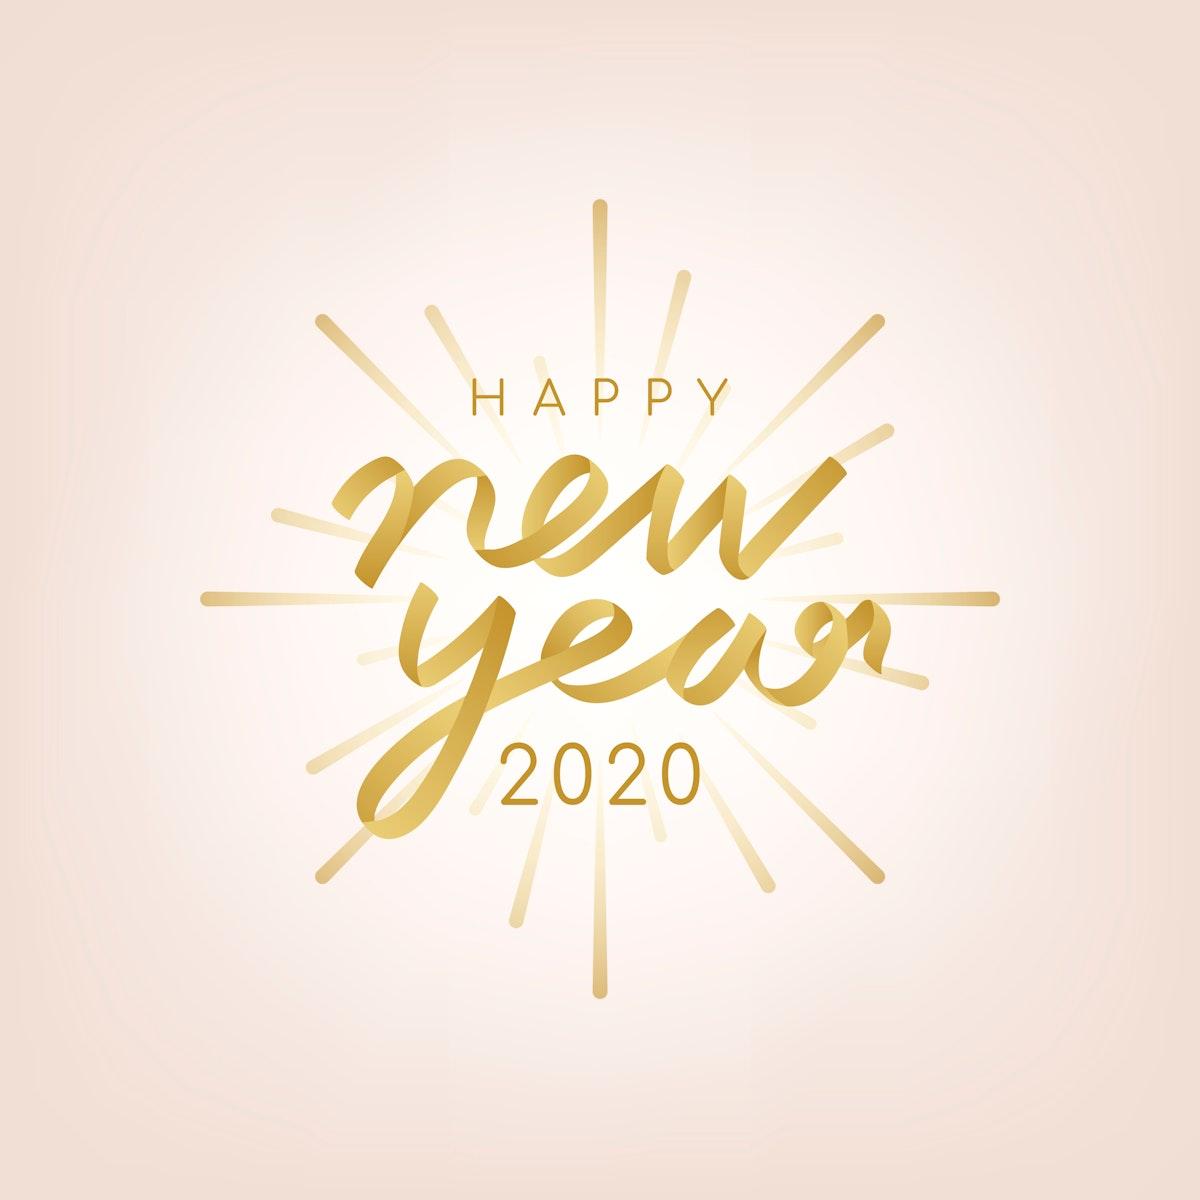 Golden happy new year 2020 vector